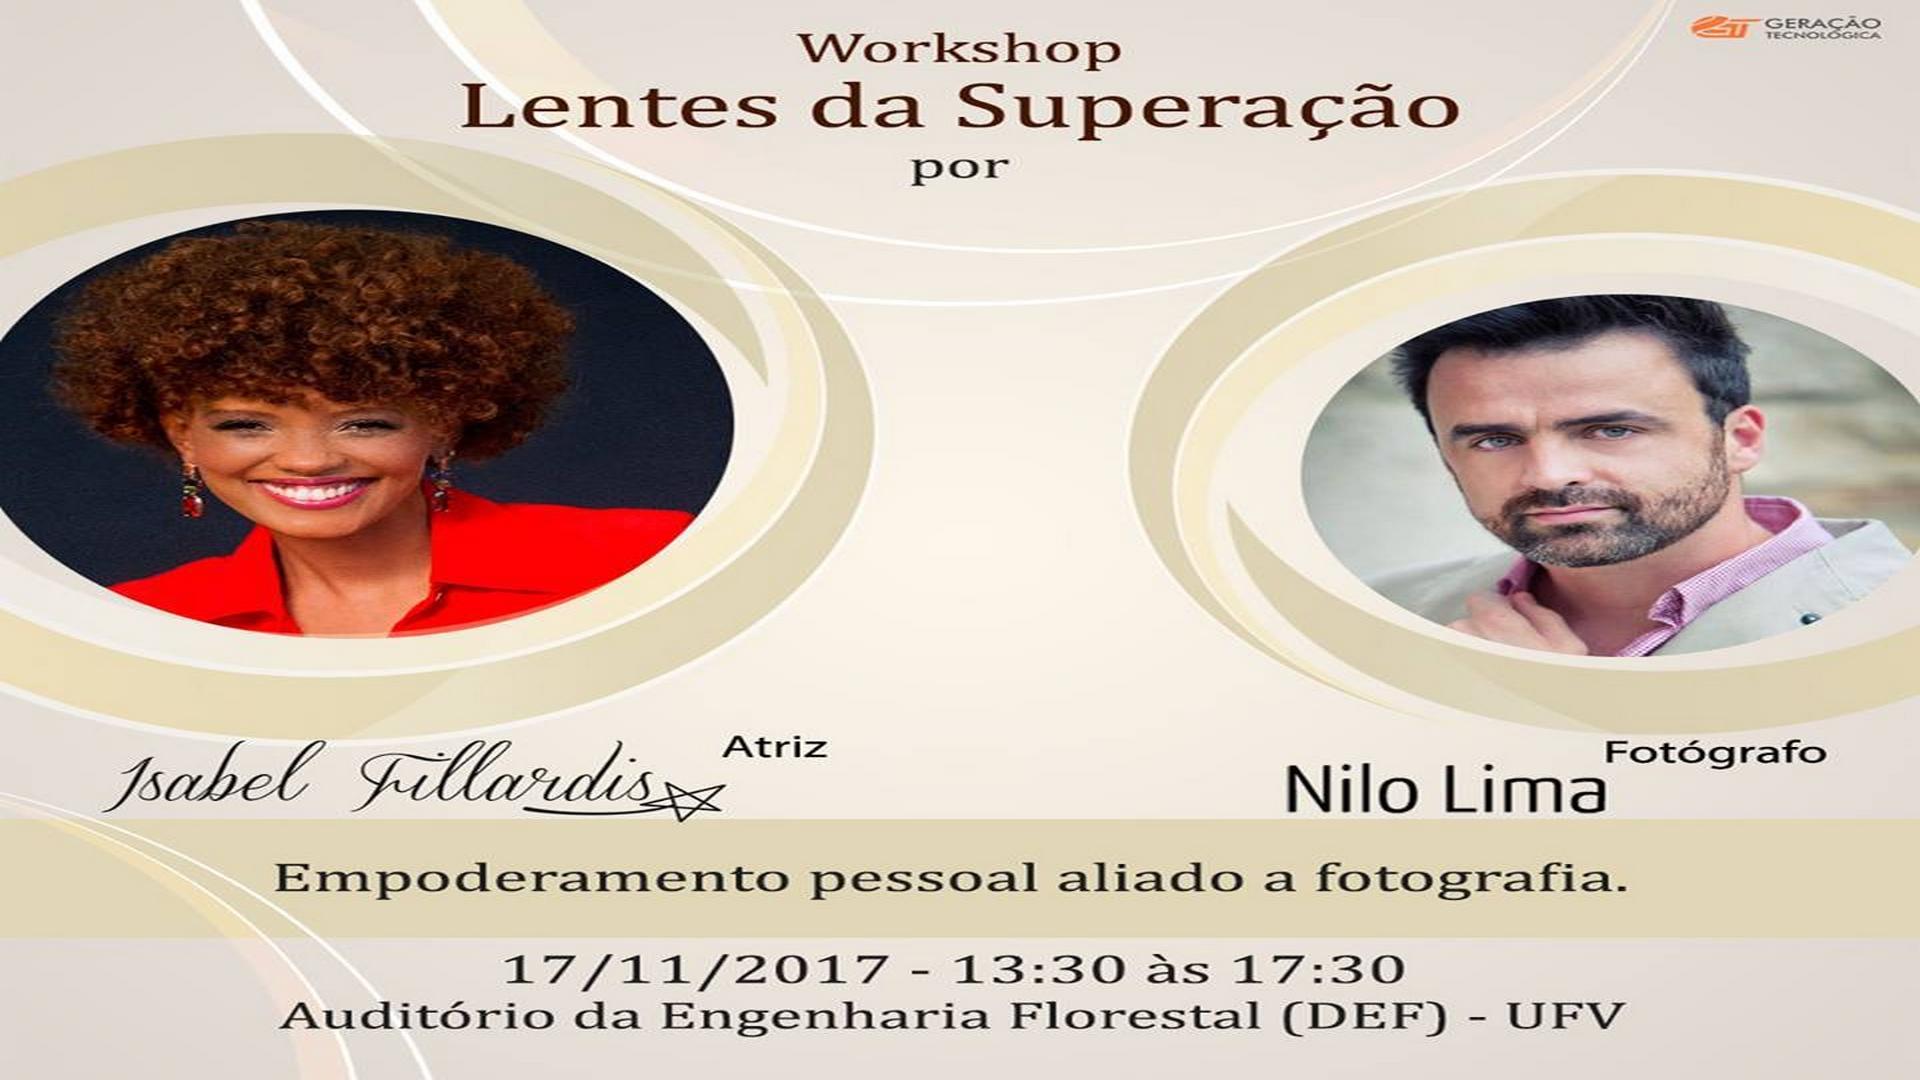 PREFEITURA MUNICIPAL APOIA EVENTO WORKSHOP NA UFV (UNIVERSIDADE FEDERAL DE VIÇOSA) !!